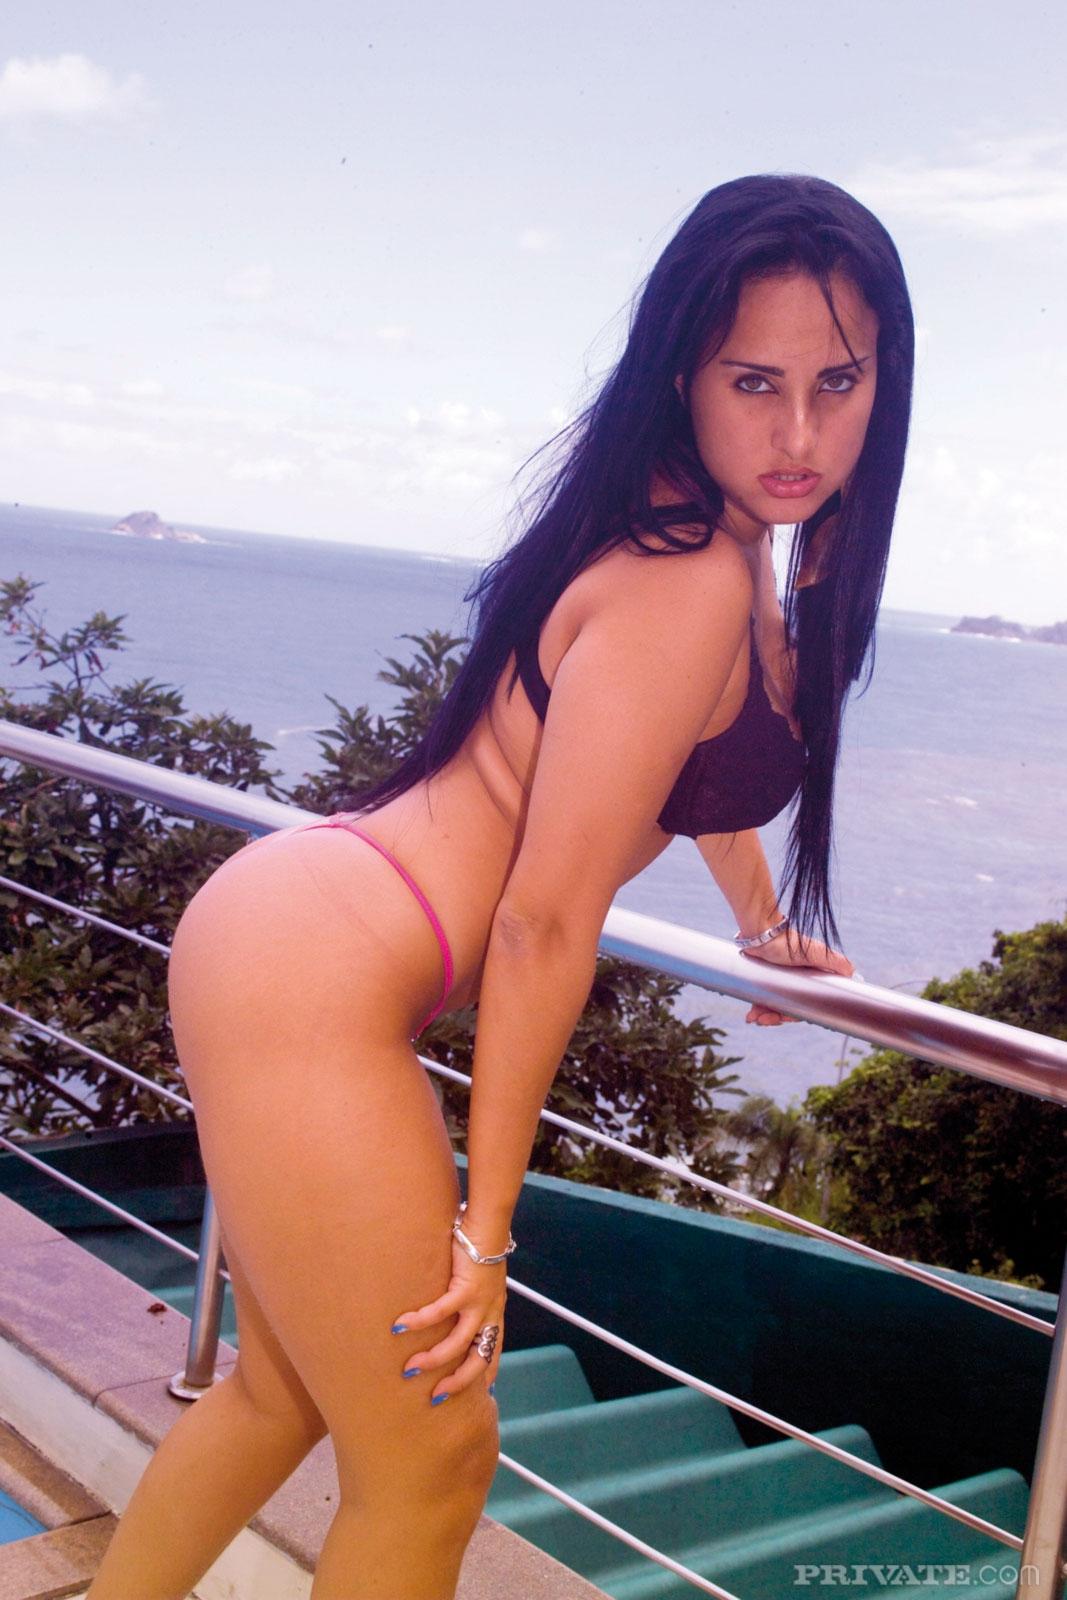 Бразильская проститутка ублажает негра глубоким минетом